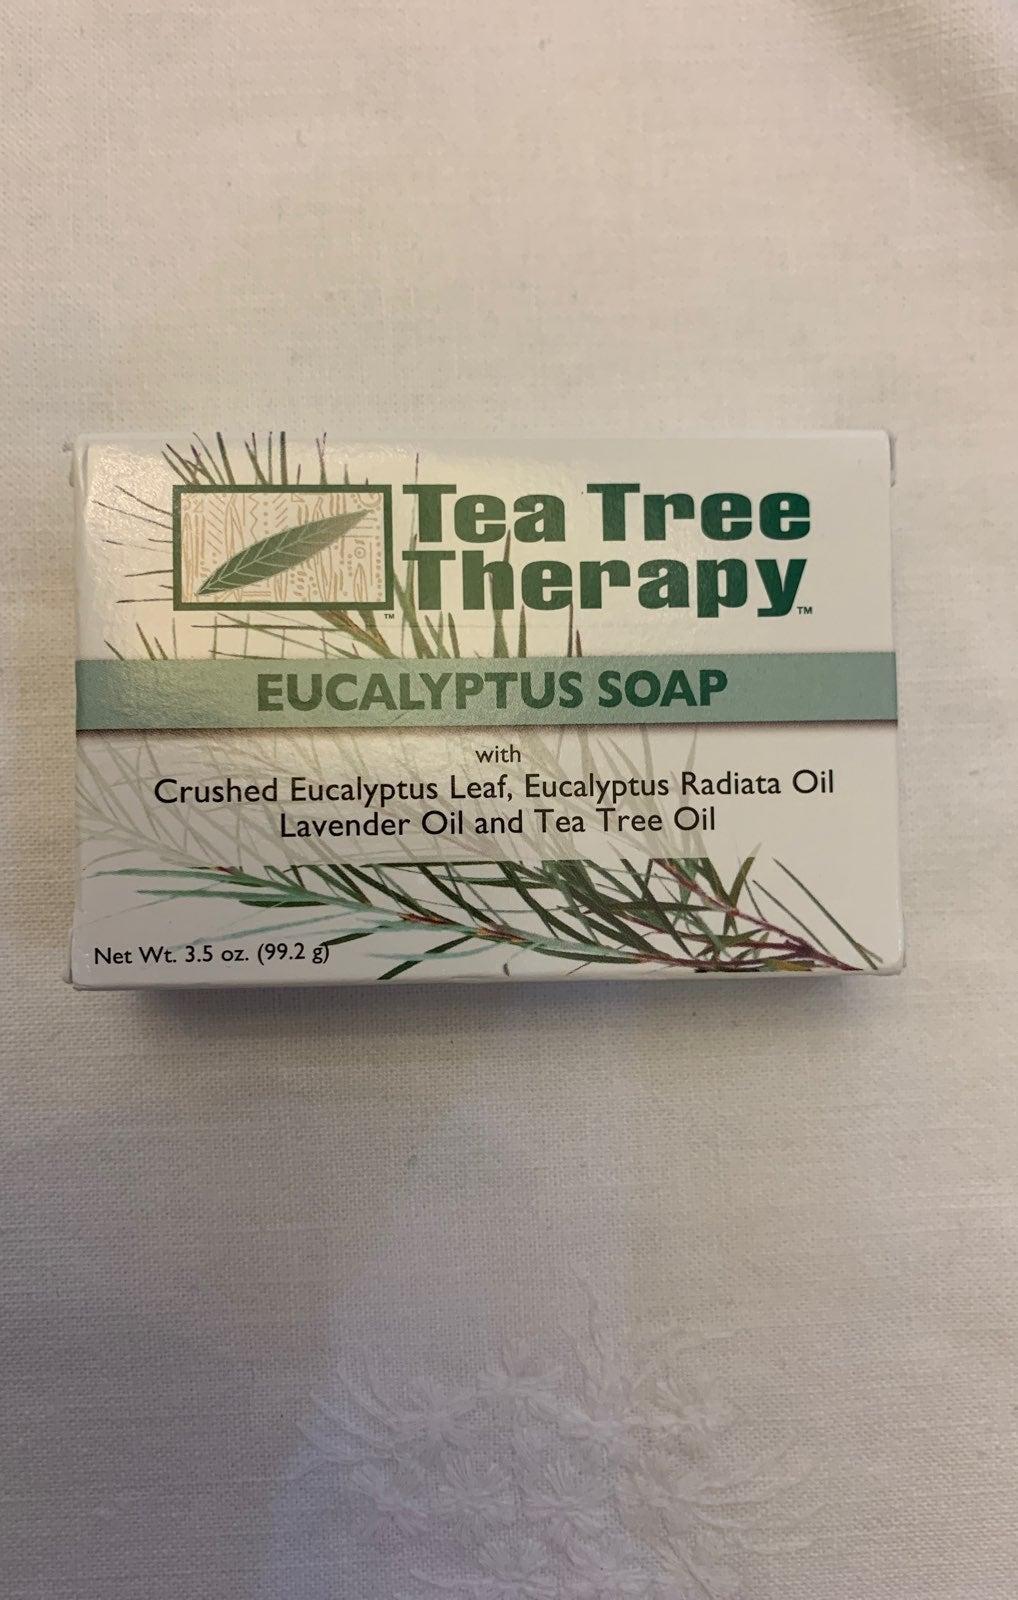 Tea Tree Therapy Eucalyptus Soap -2 bars